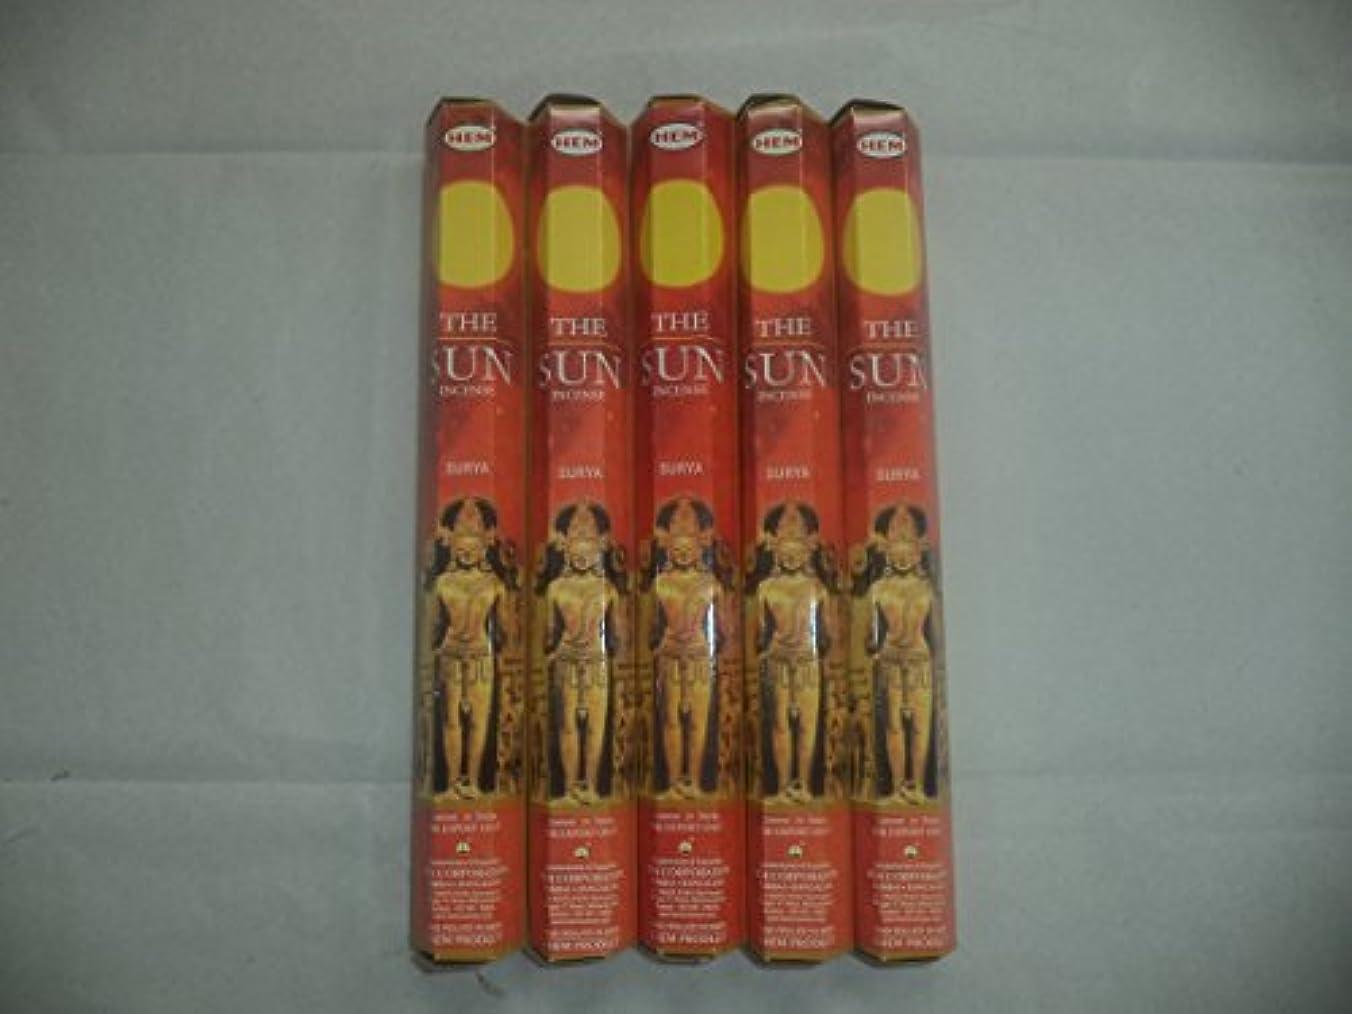 本土タバコ便益裾The Sun 100 Incense Sticks (5 x 20スティックパック)